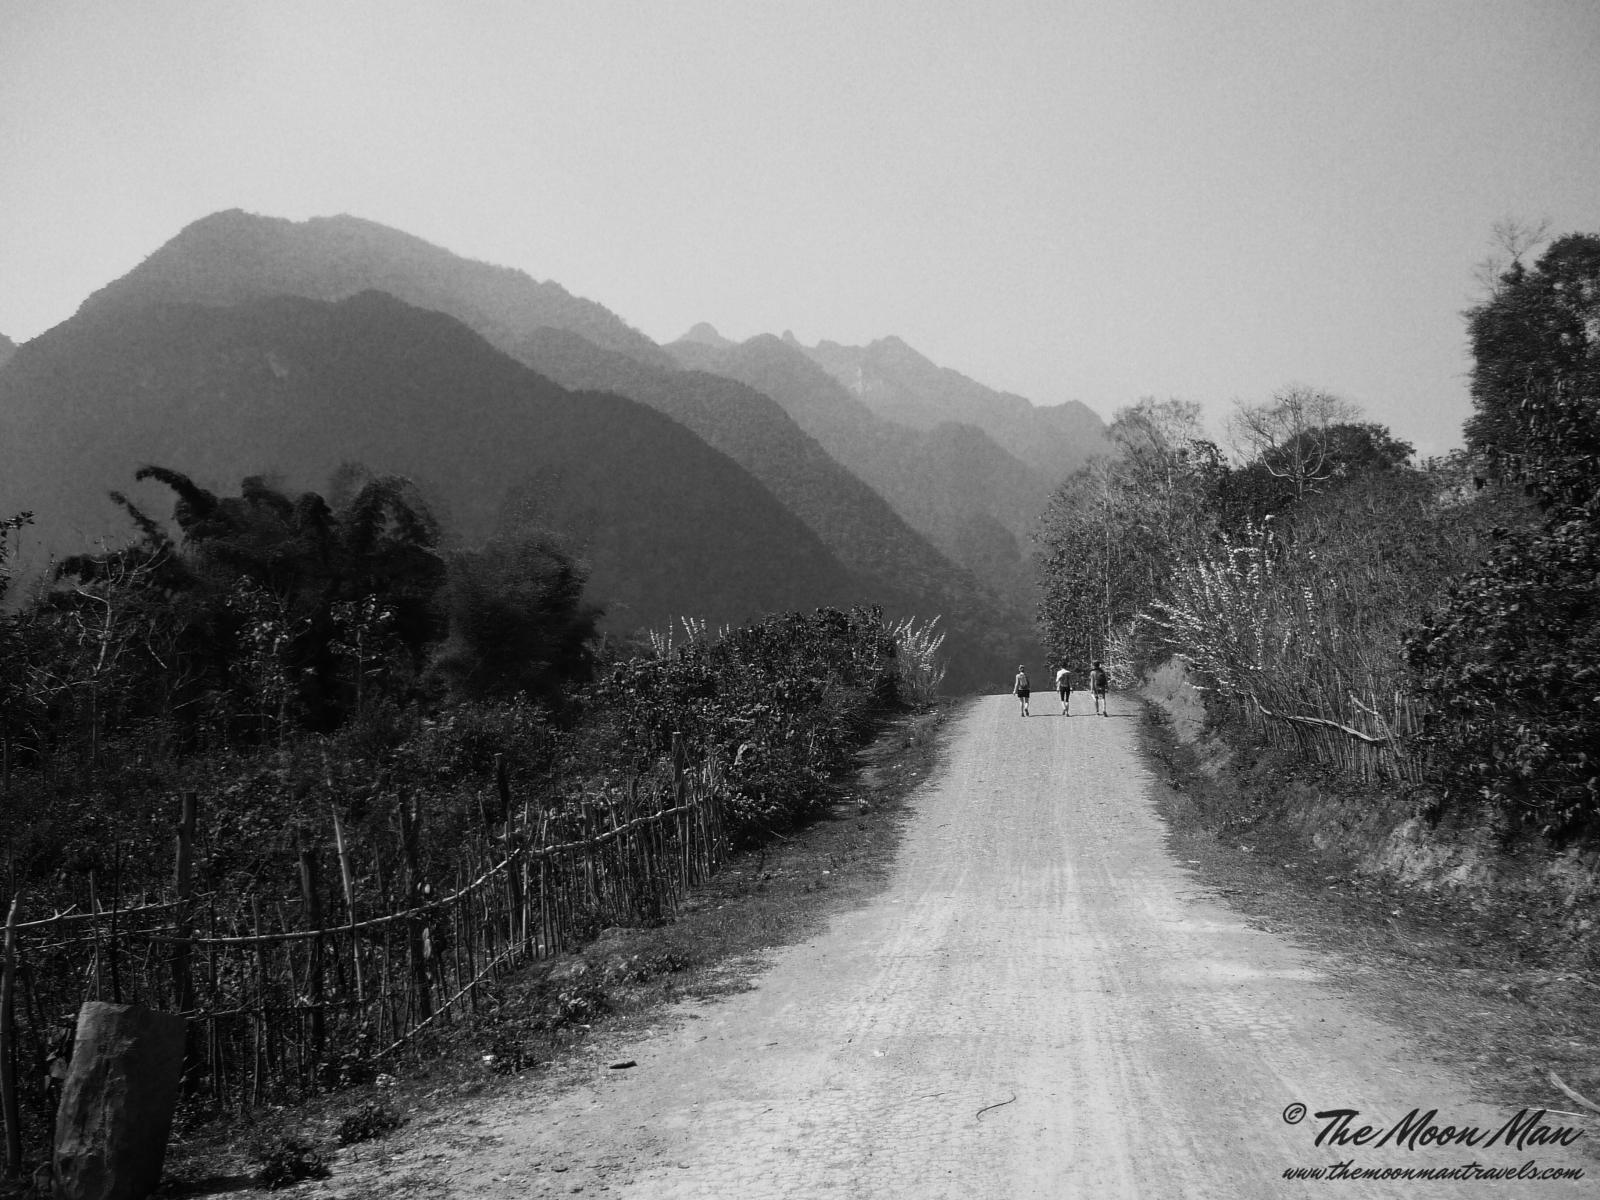 Photography image - Loading Muang_Ngoi_(12).jpg